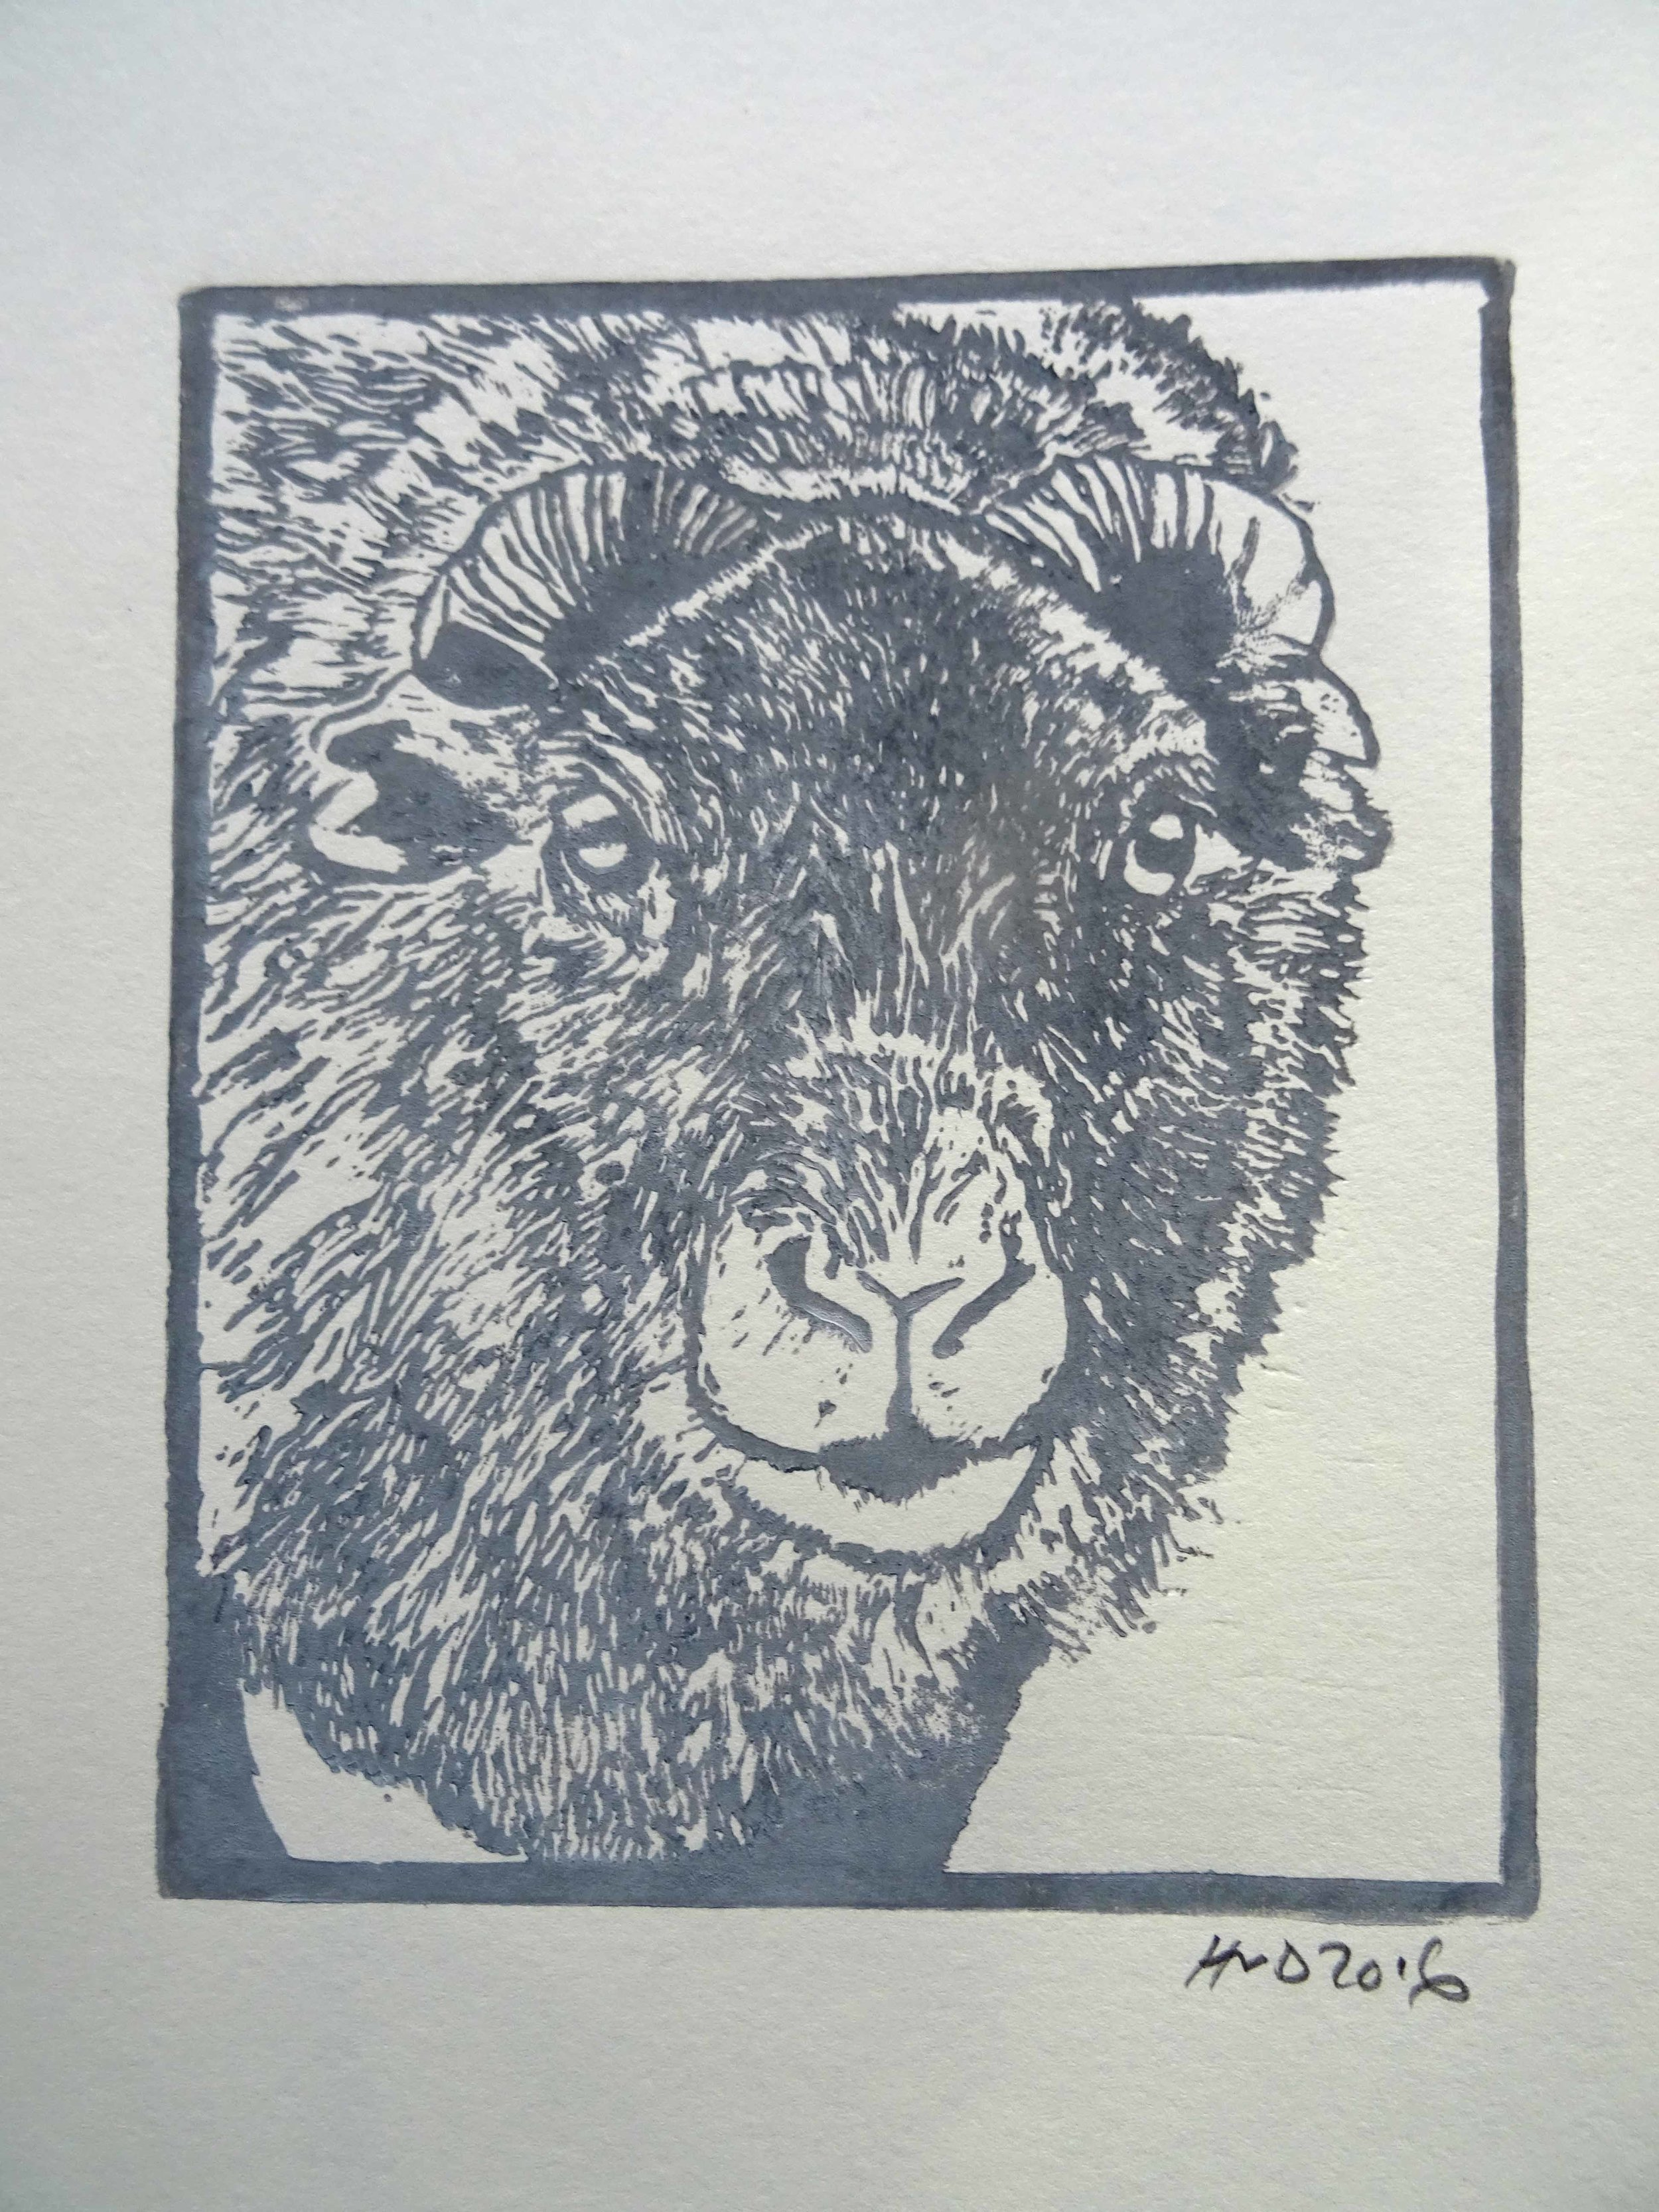 148A - sheep head, lno 16x13cm, 20 €